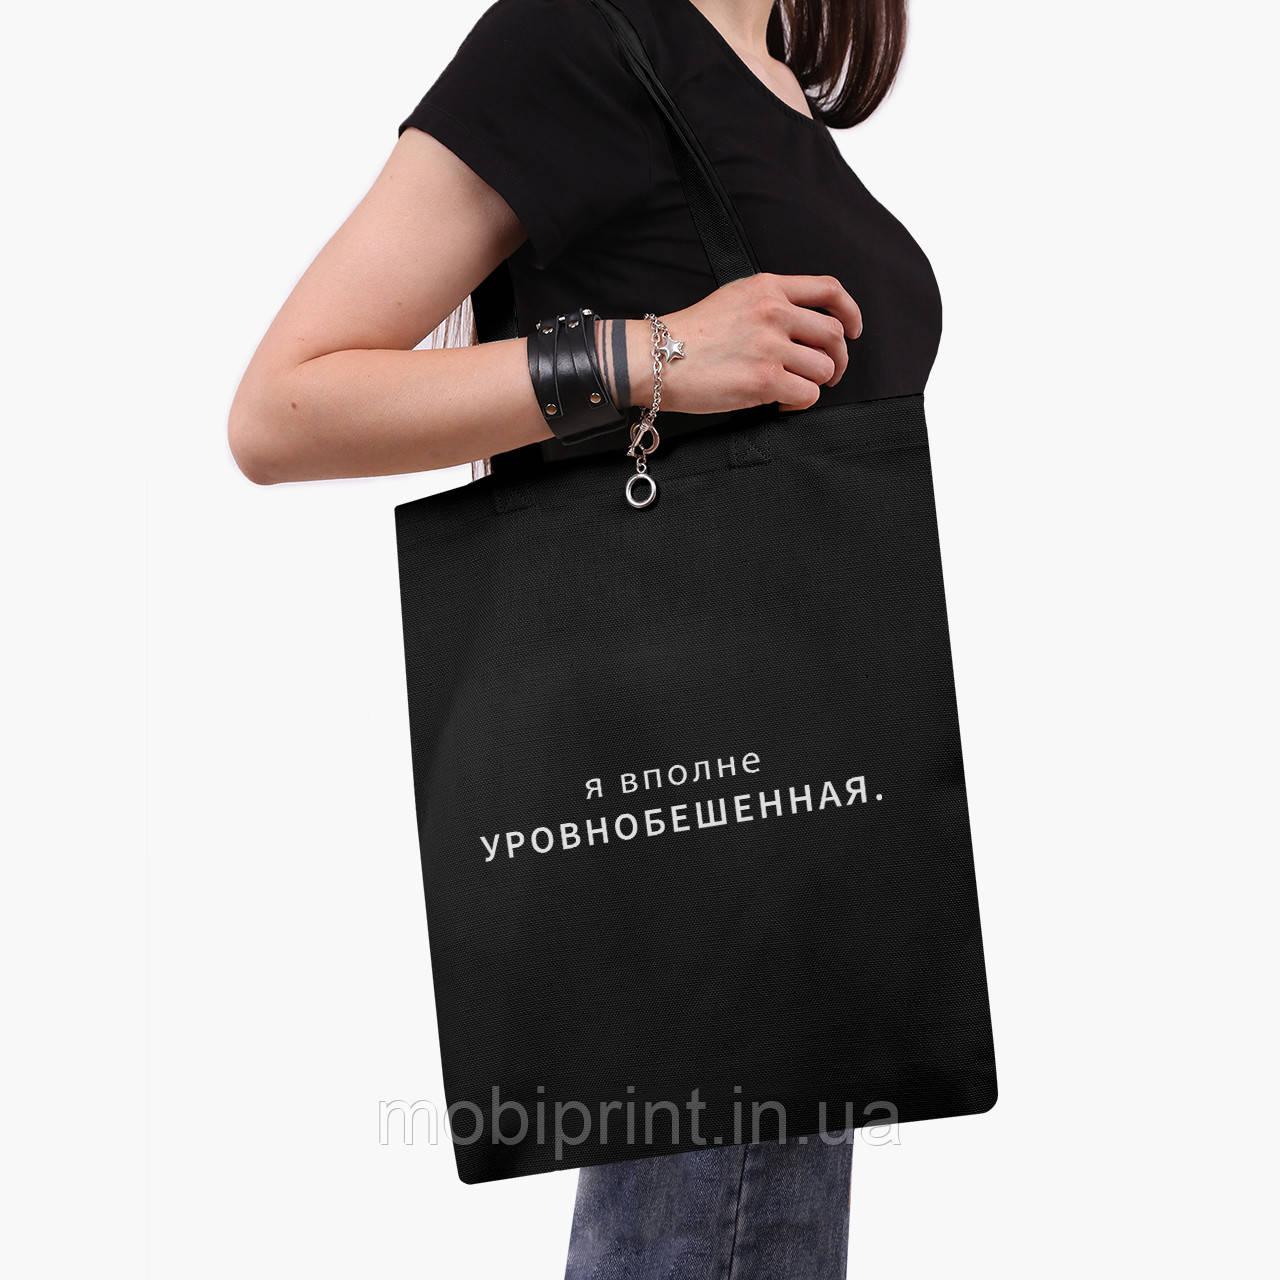 Еко сумка шоппер чорна Врівноважена (Уровнобешенная) (9227-1790-2) экосумка шопер 41*35 см